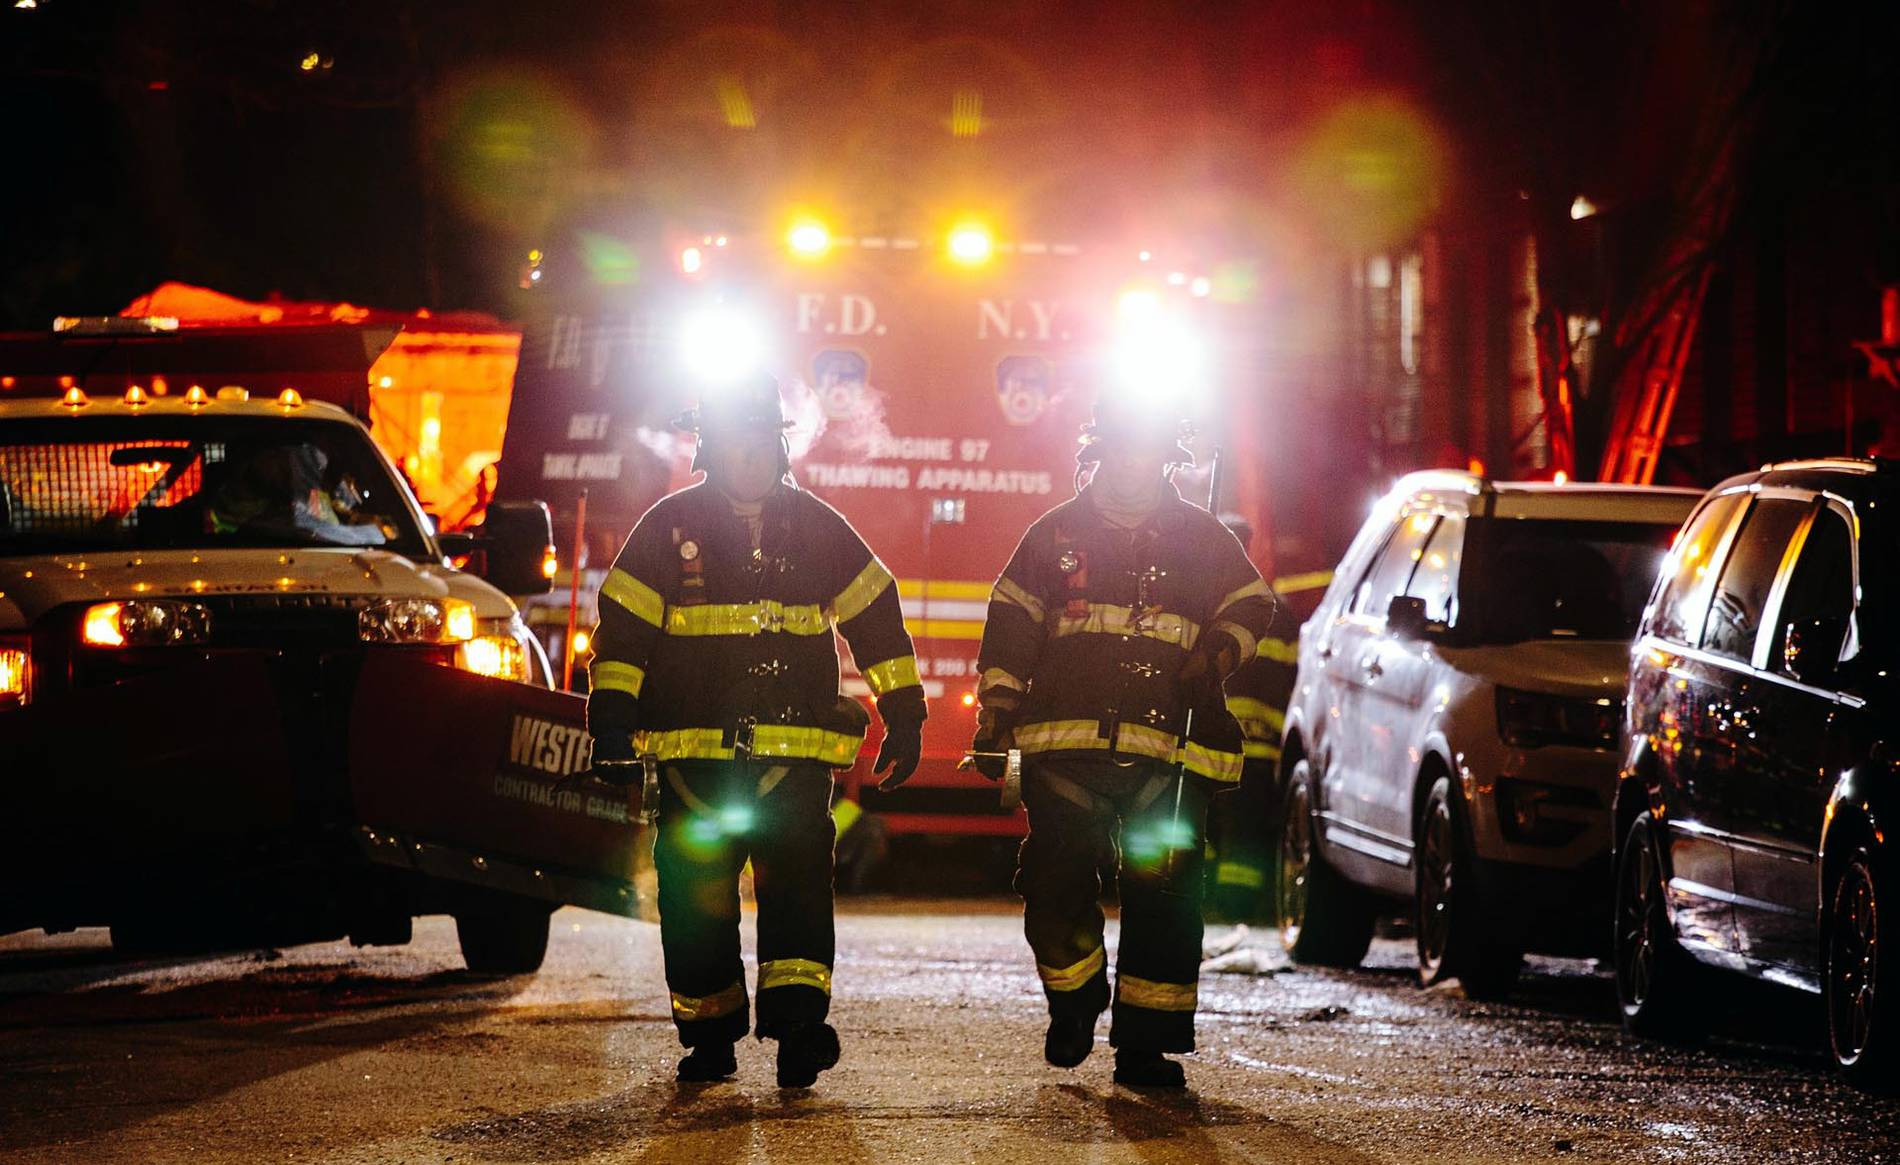 GALERÍA | El peor incendio de Nueva York en los últimos 25 años (1/12) - Las imágenes del incendio ocasionado por un niño en un edificio del distrito del Bronx, en Nueva York - Internacional -